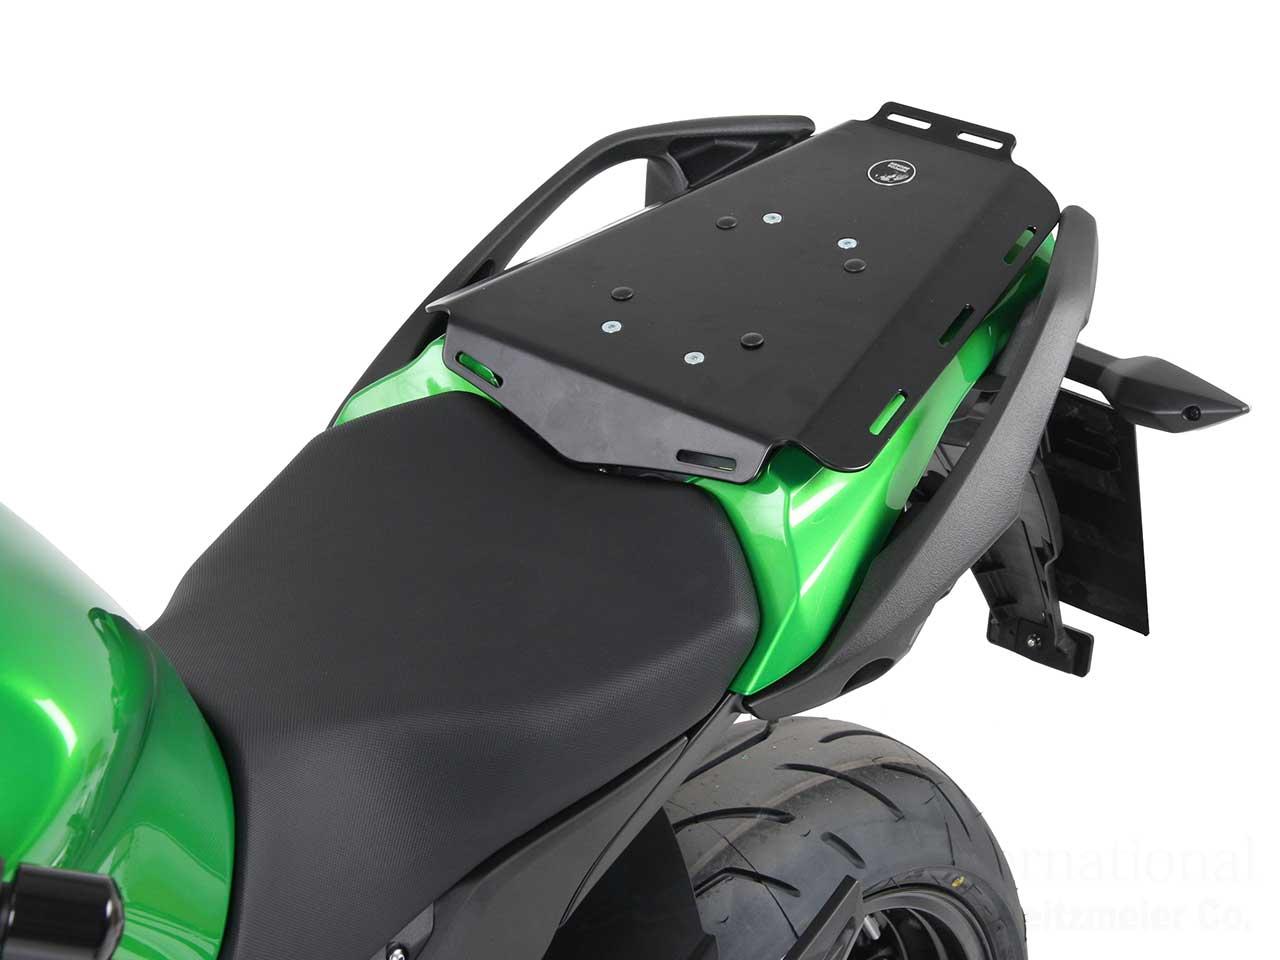 ヘプコ&ベッカー 正規品 タンデムシート置換型リアラック「Speedrack EVO」 Kawasaki Ninja1000